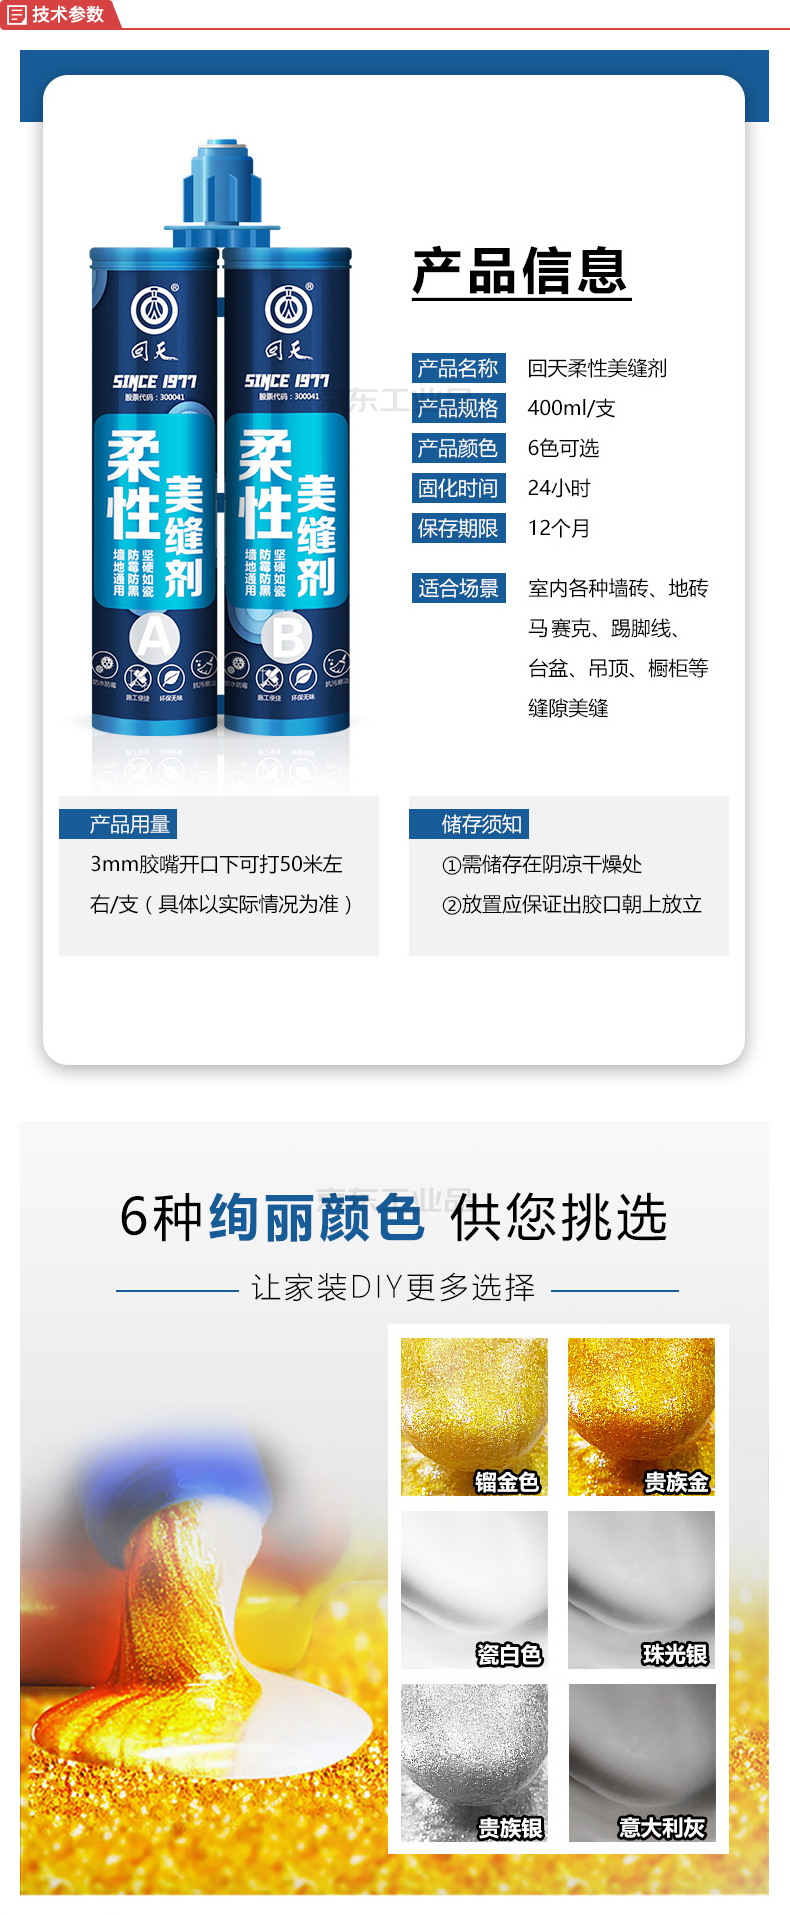 回天 美缝剂(双组分环氧树脂)贵族银 400ML/支,50组/箱;美缝剂 贵族银